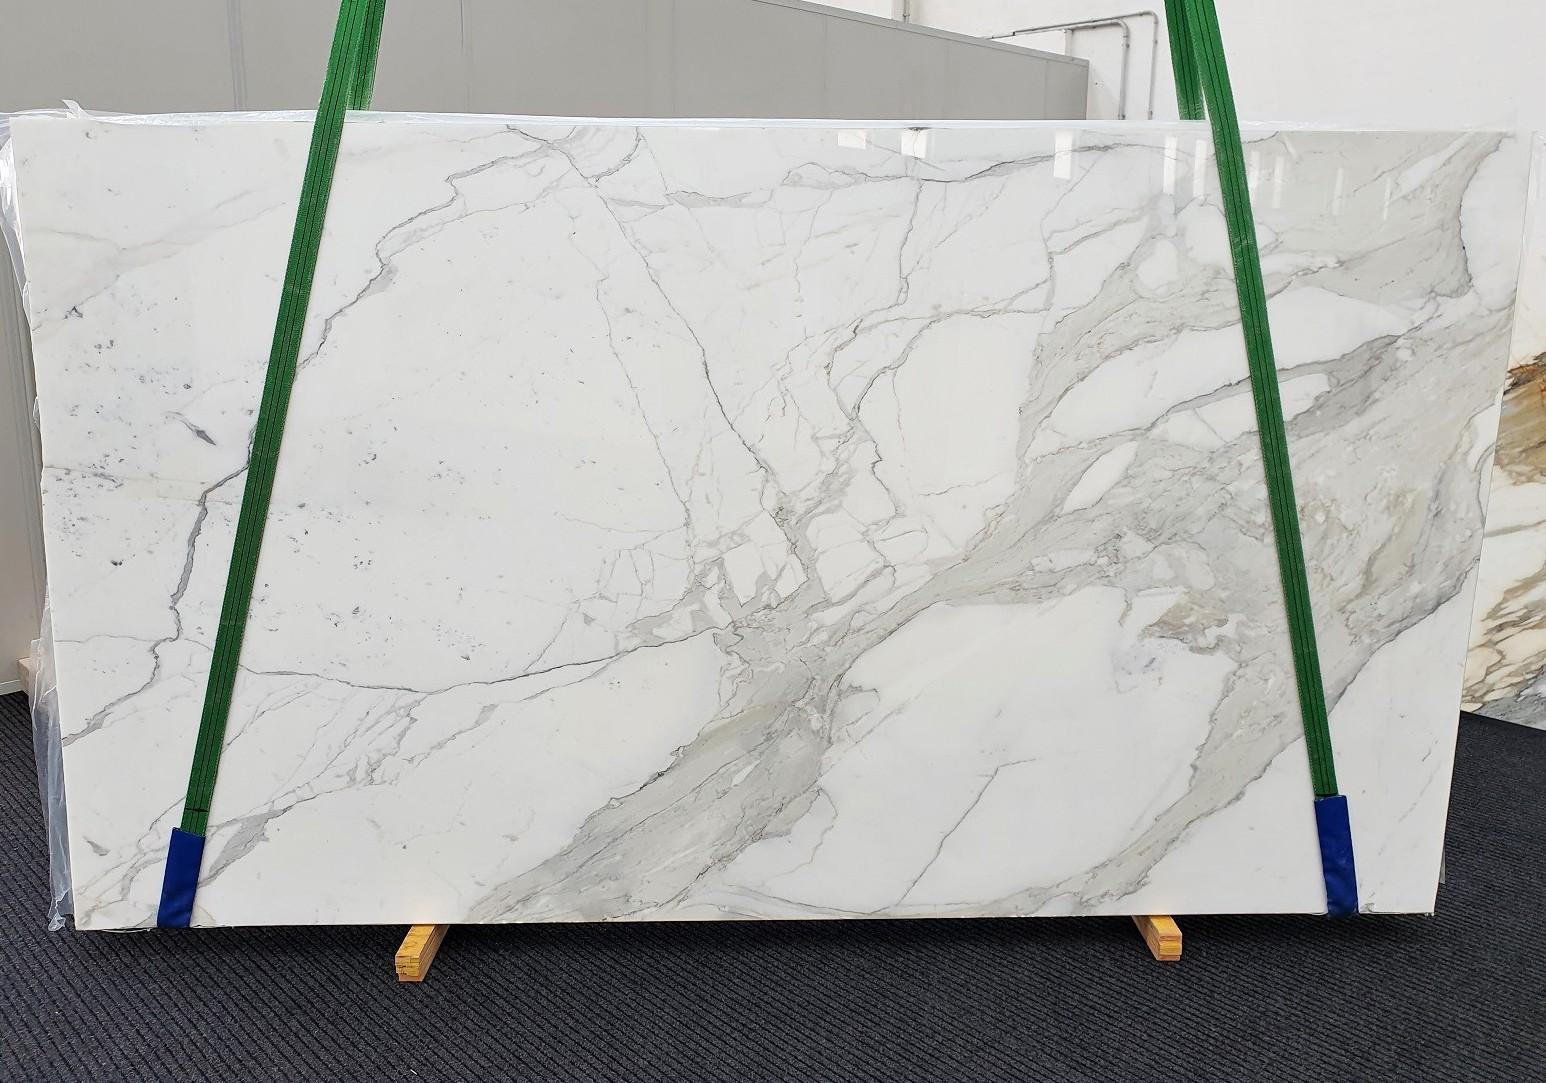 CALACATTA EXTRA Suministro Veneto (Italia) de planchas pulidas en mármol natural 1366 , Slab #63